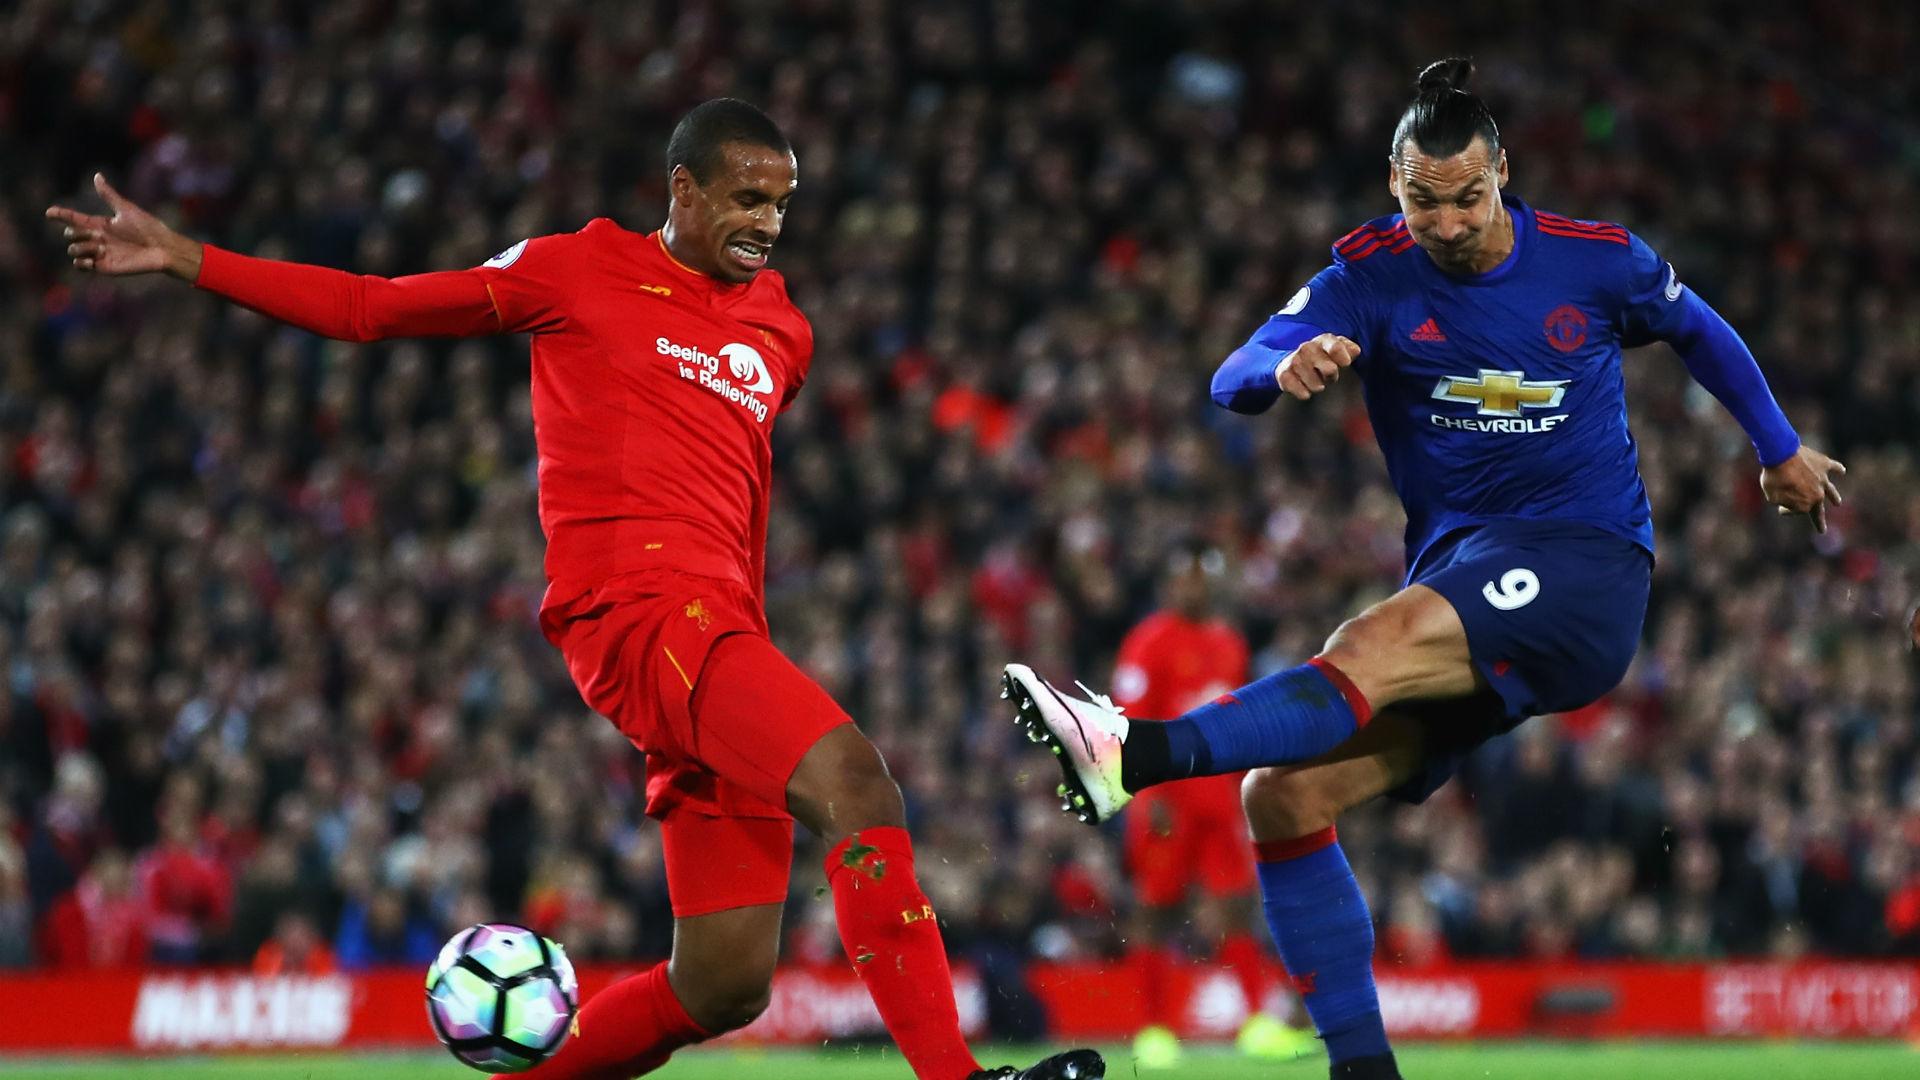 Sau 1 năm, Mourinho đã sẵn sàng làm nhục Liverpool - Ảnh 1.